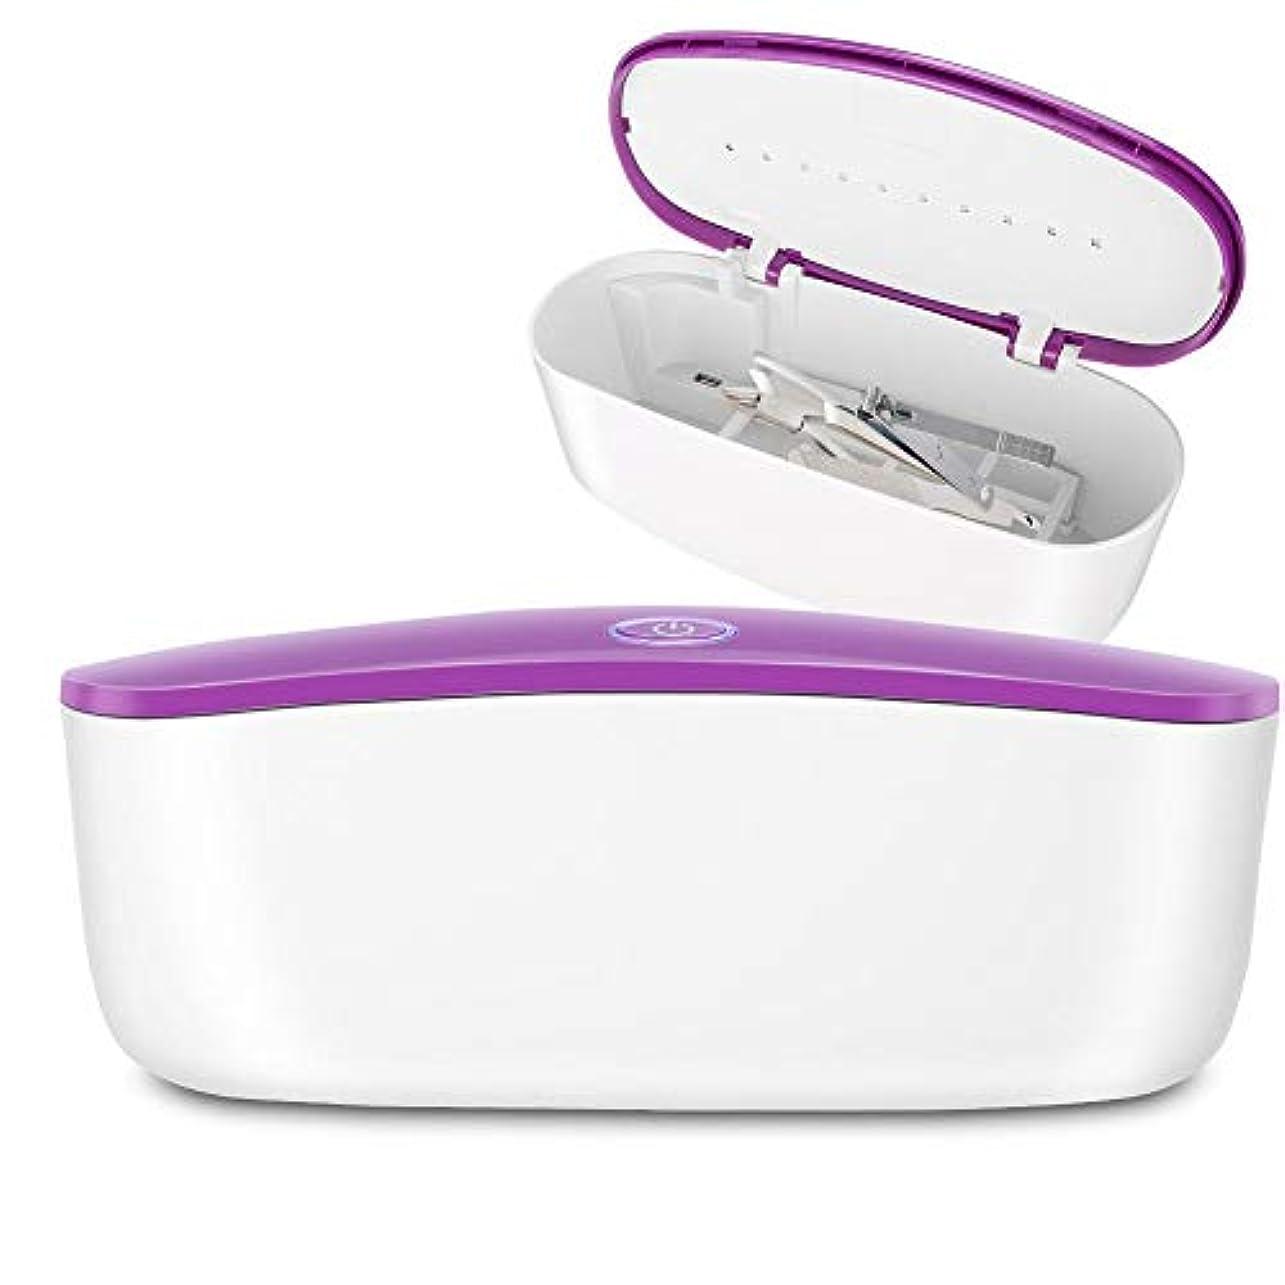 いらいらさせるずらす寄り添うUVCクリーンボックス、USBネイルアートUVライトマニキュアツール、眼鏡、ジュエリー、玩具、キー、歯ブラシ